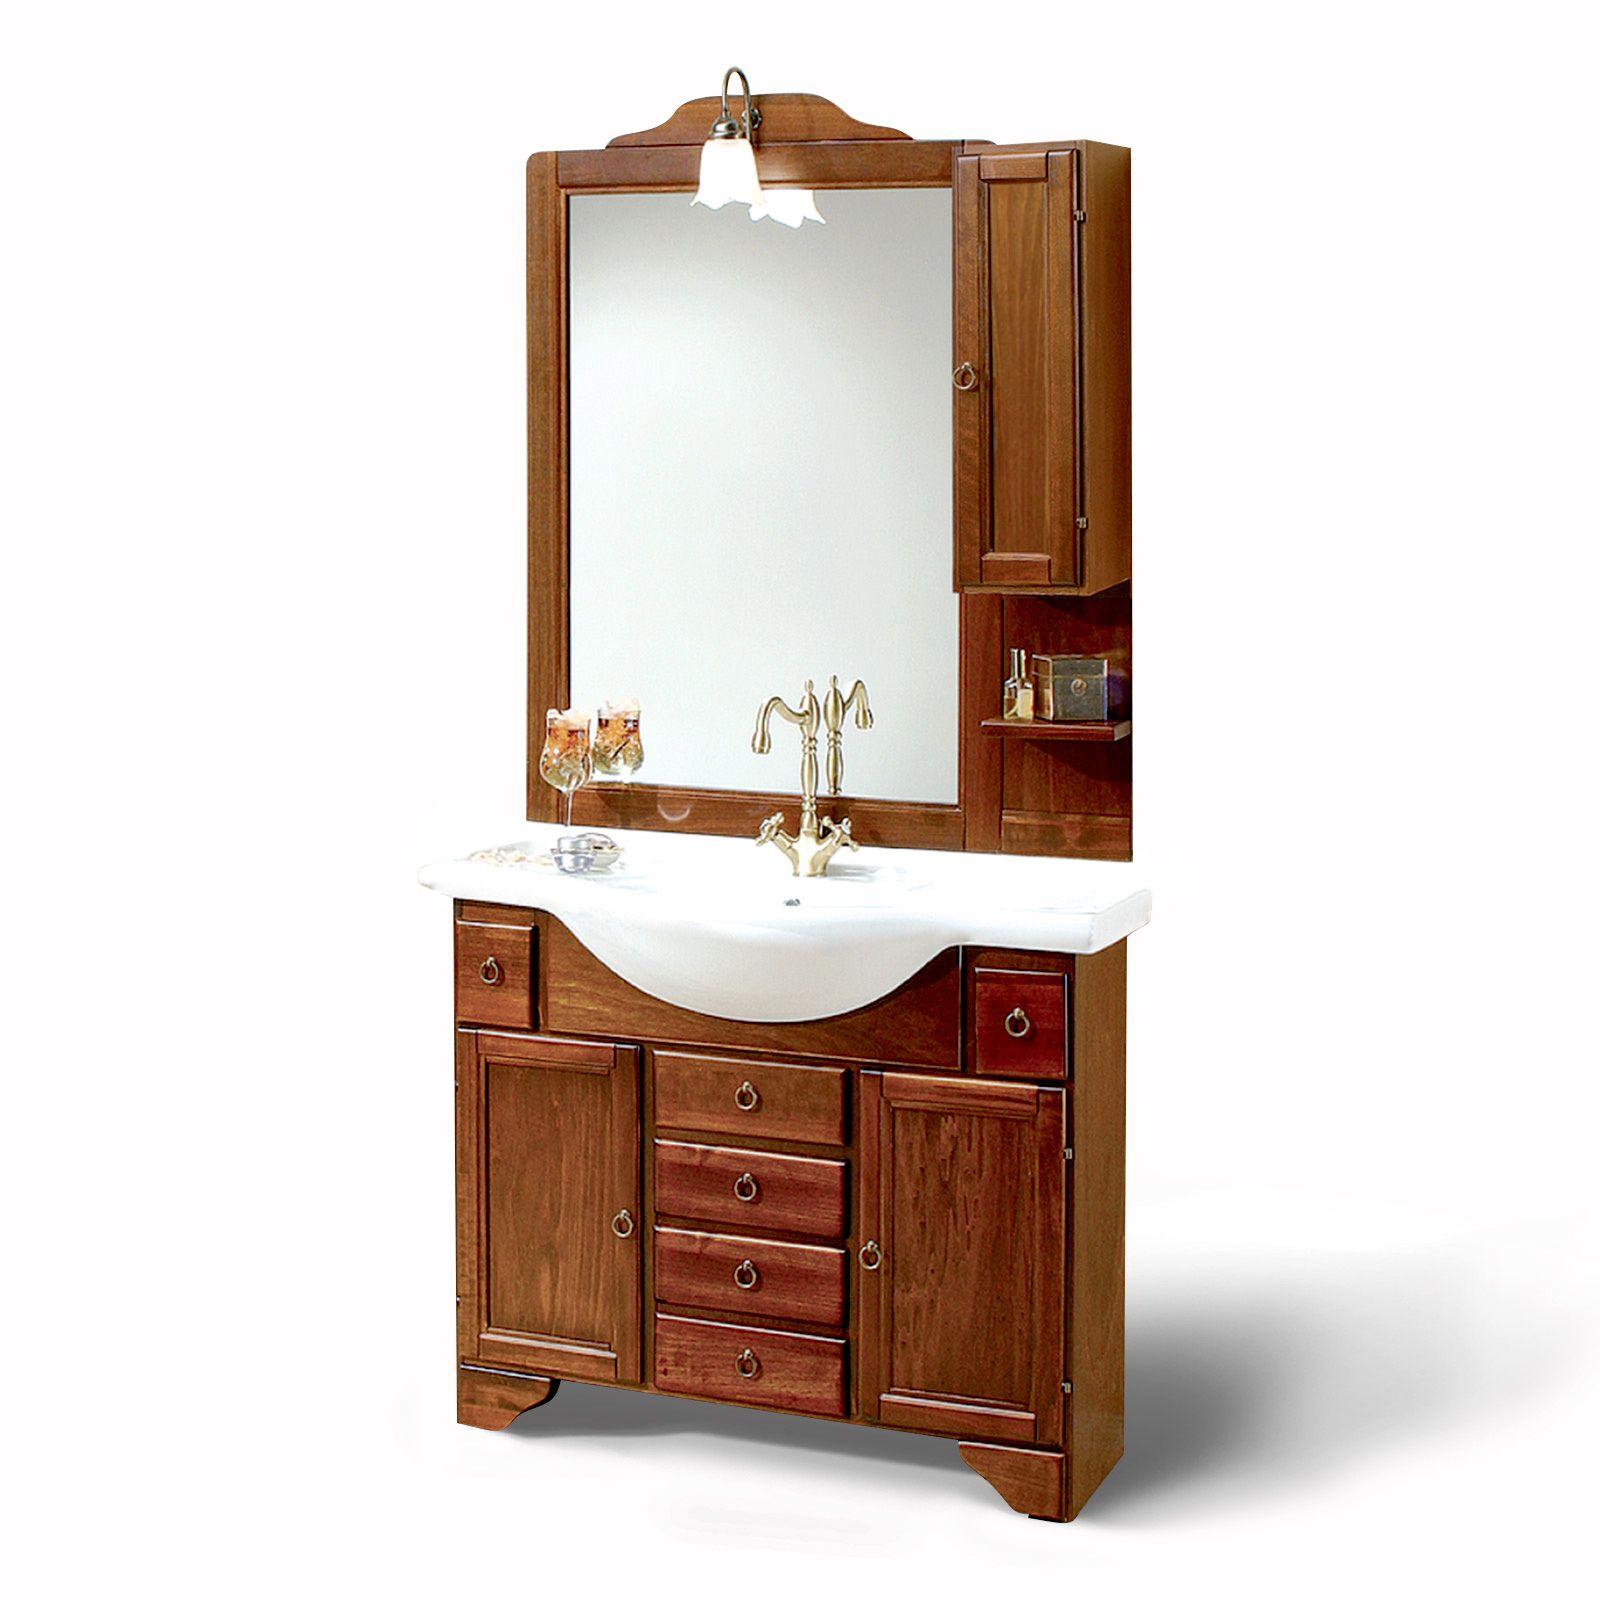 Mobile bagno portofino 105 arte povera de for Mobile bagno rustico moderno